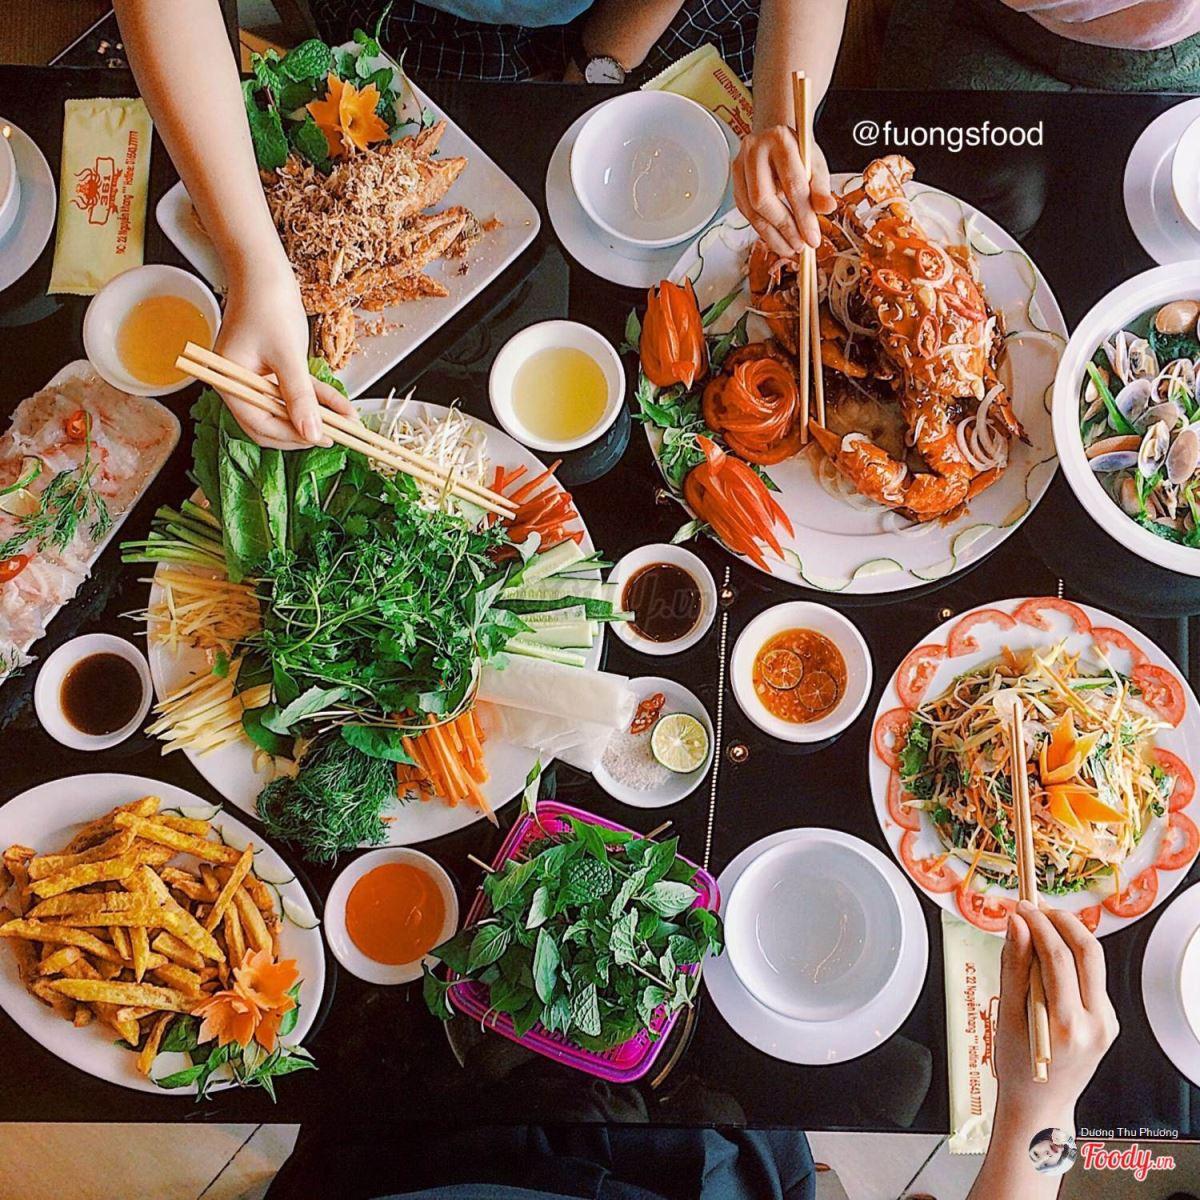 nhà hàng hải sản ngon_Vua Hải Sản